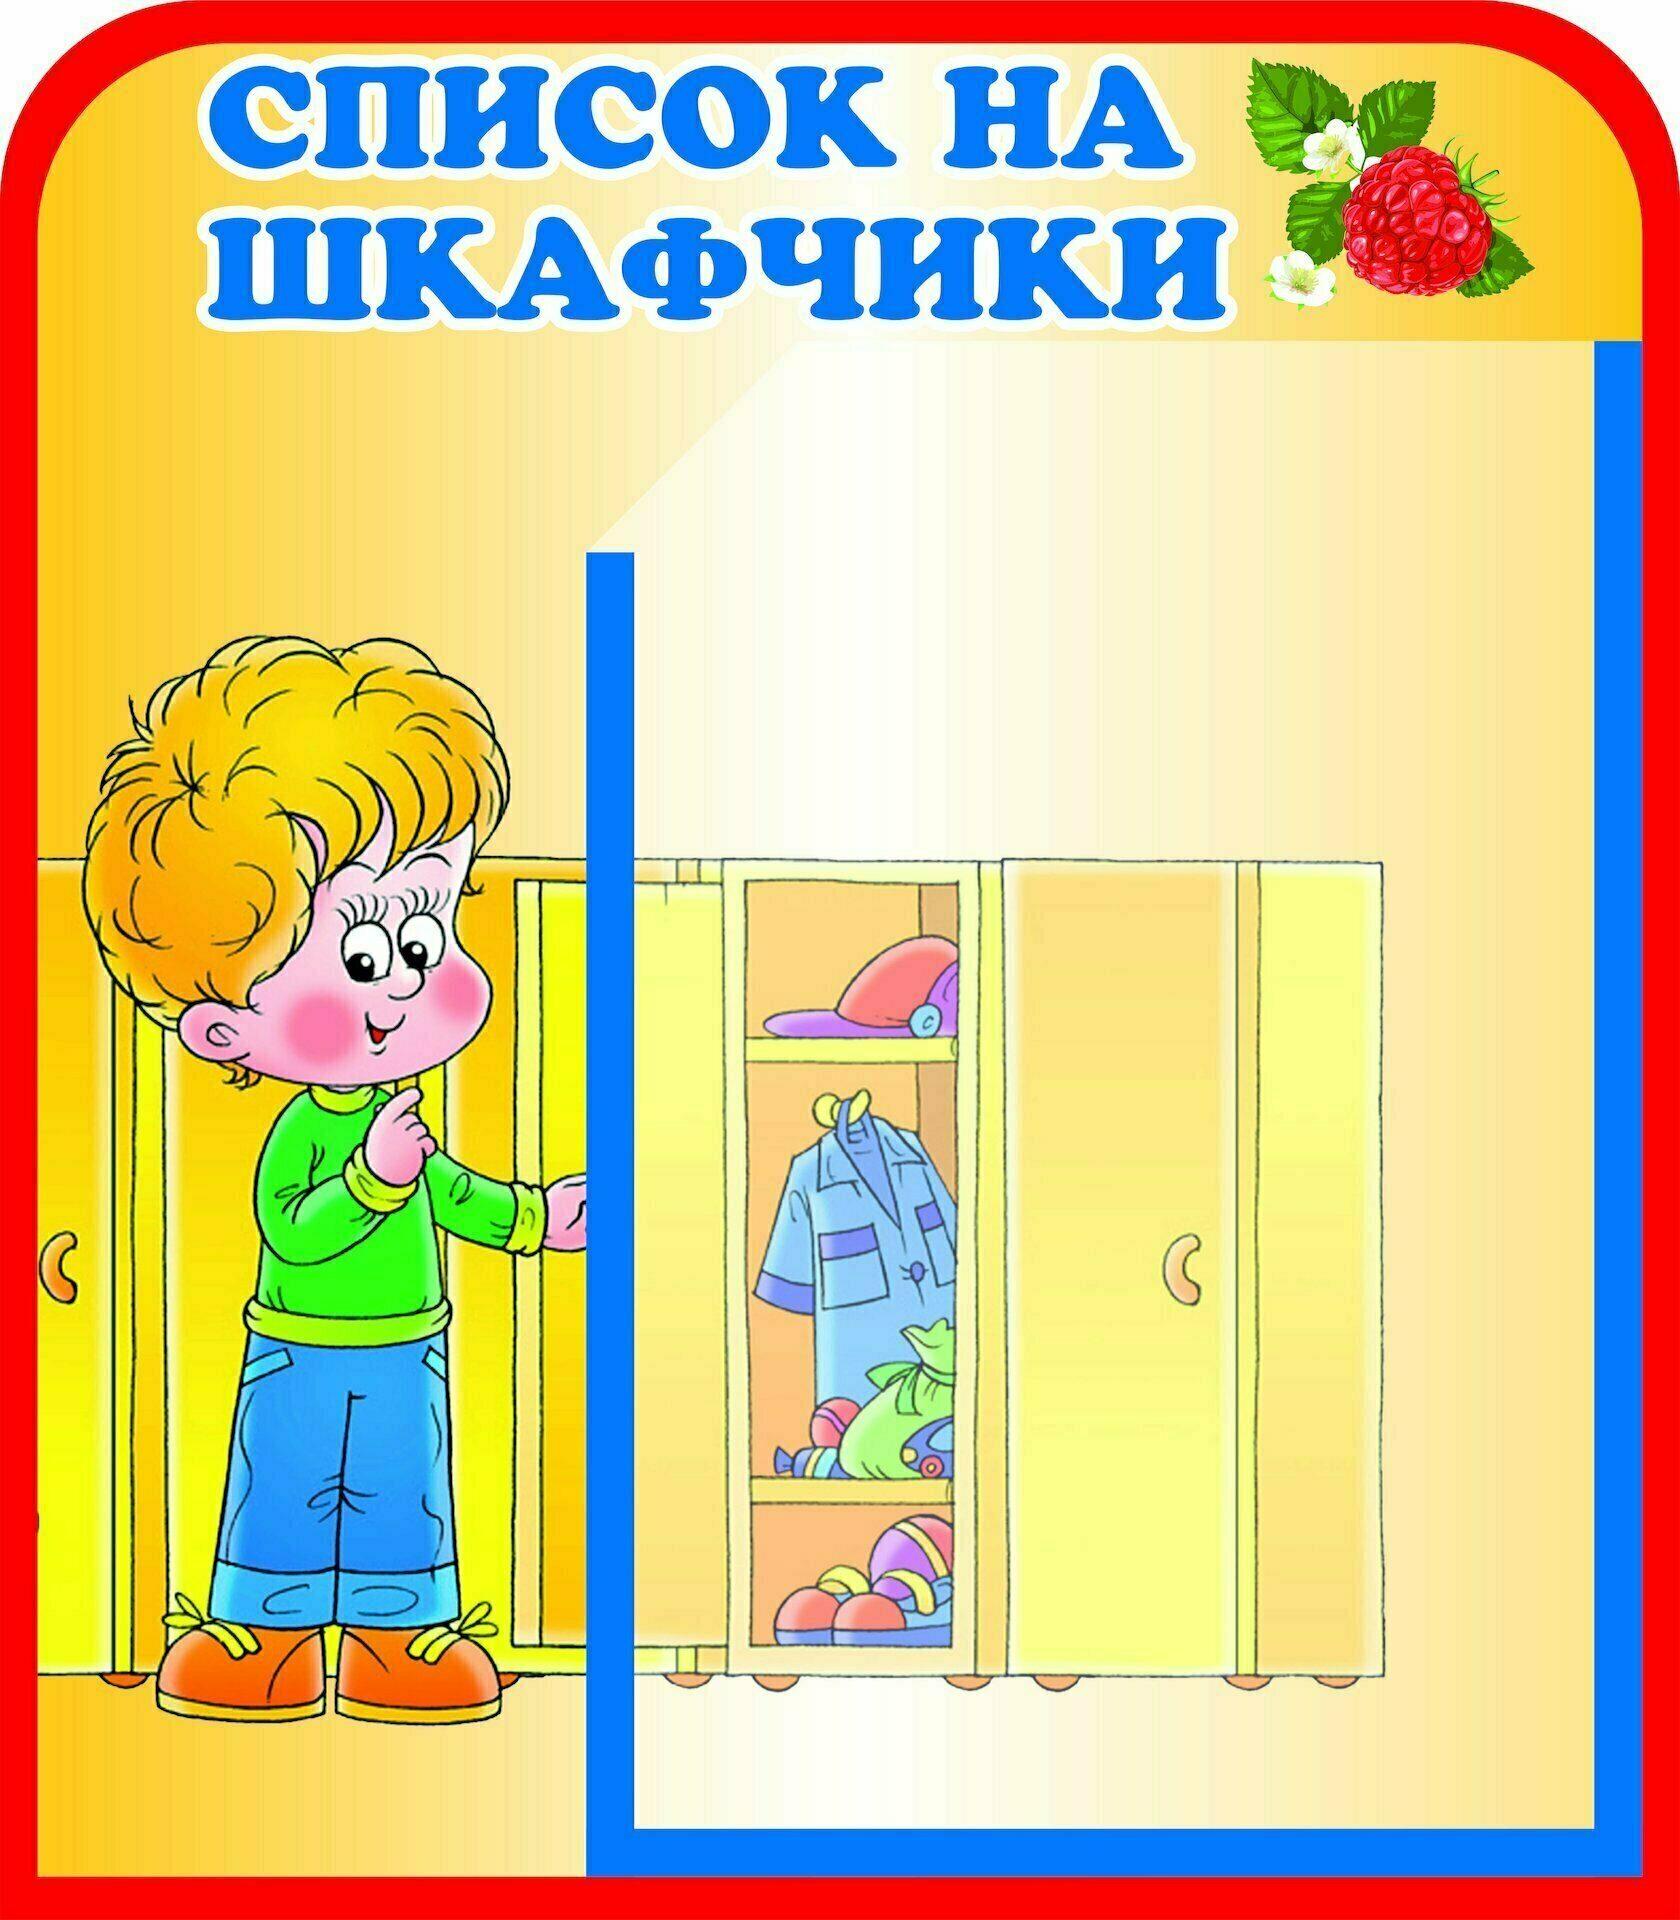 Картинки для списка для детского сада на шкафчики